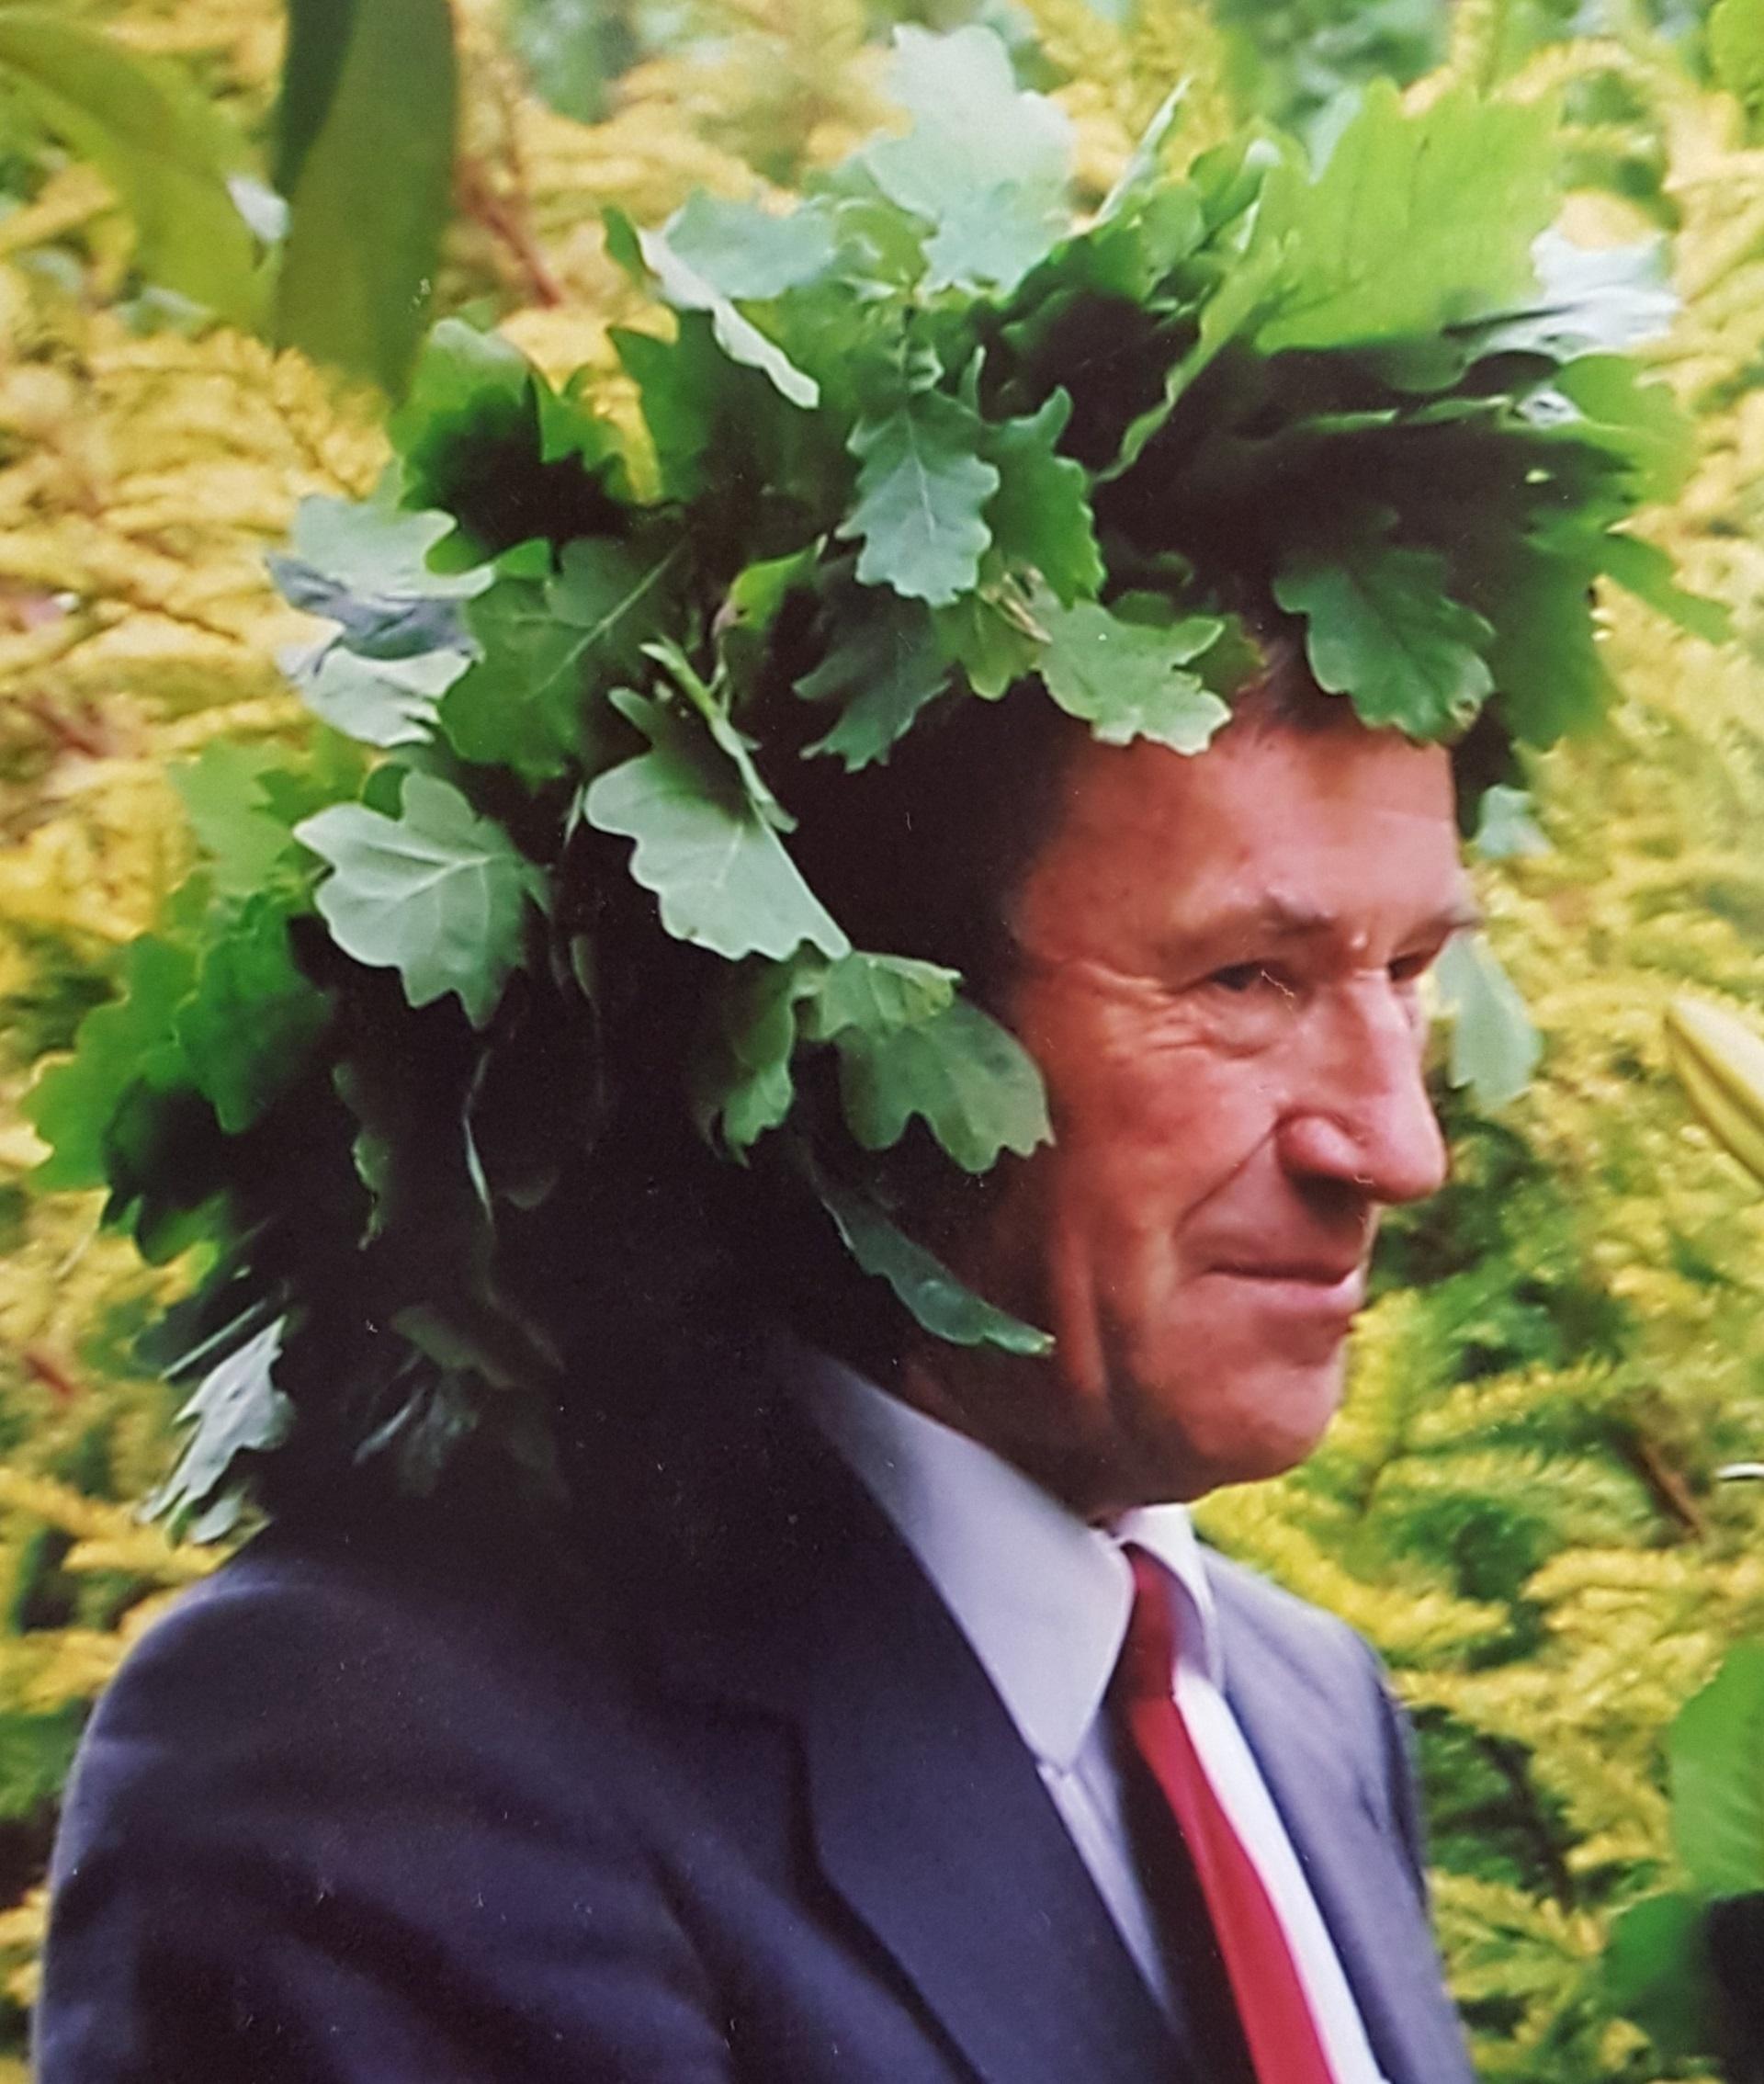 Per Jonines Kėdainių krašto kultūros premijos laureatas Jonas Zenonas Bernadišius švenčia ir vardadienį, ir gimtadienį. Tiesa, dieną prieš tai pašnekovas pamini ir dar vienas – Zenono vardines. Asmeninio archyvo nuotr.